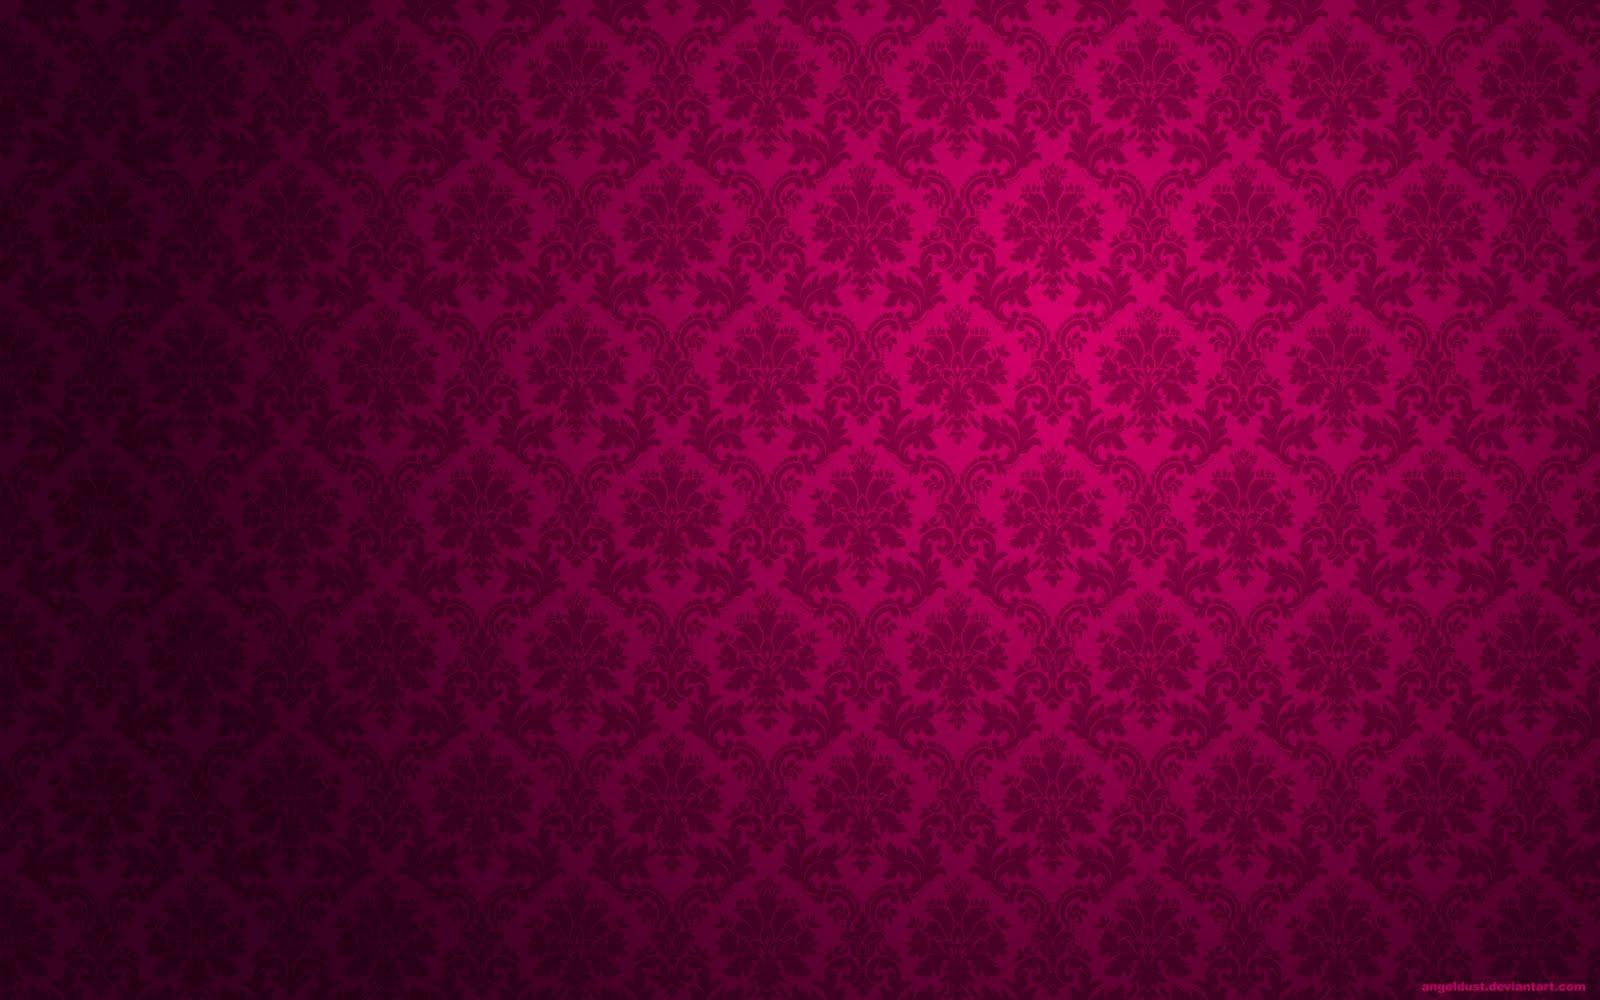 http://3.bp.blogspot.com/-FaV0vD_qees/Twfq6Ocxe8I/AAAAAAAAAC8/S0uqCP6oSjo/s1600/Galaxy%2BYoung%2BWallpaper%2B%2B%25284%2529.jpg